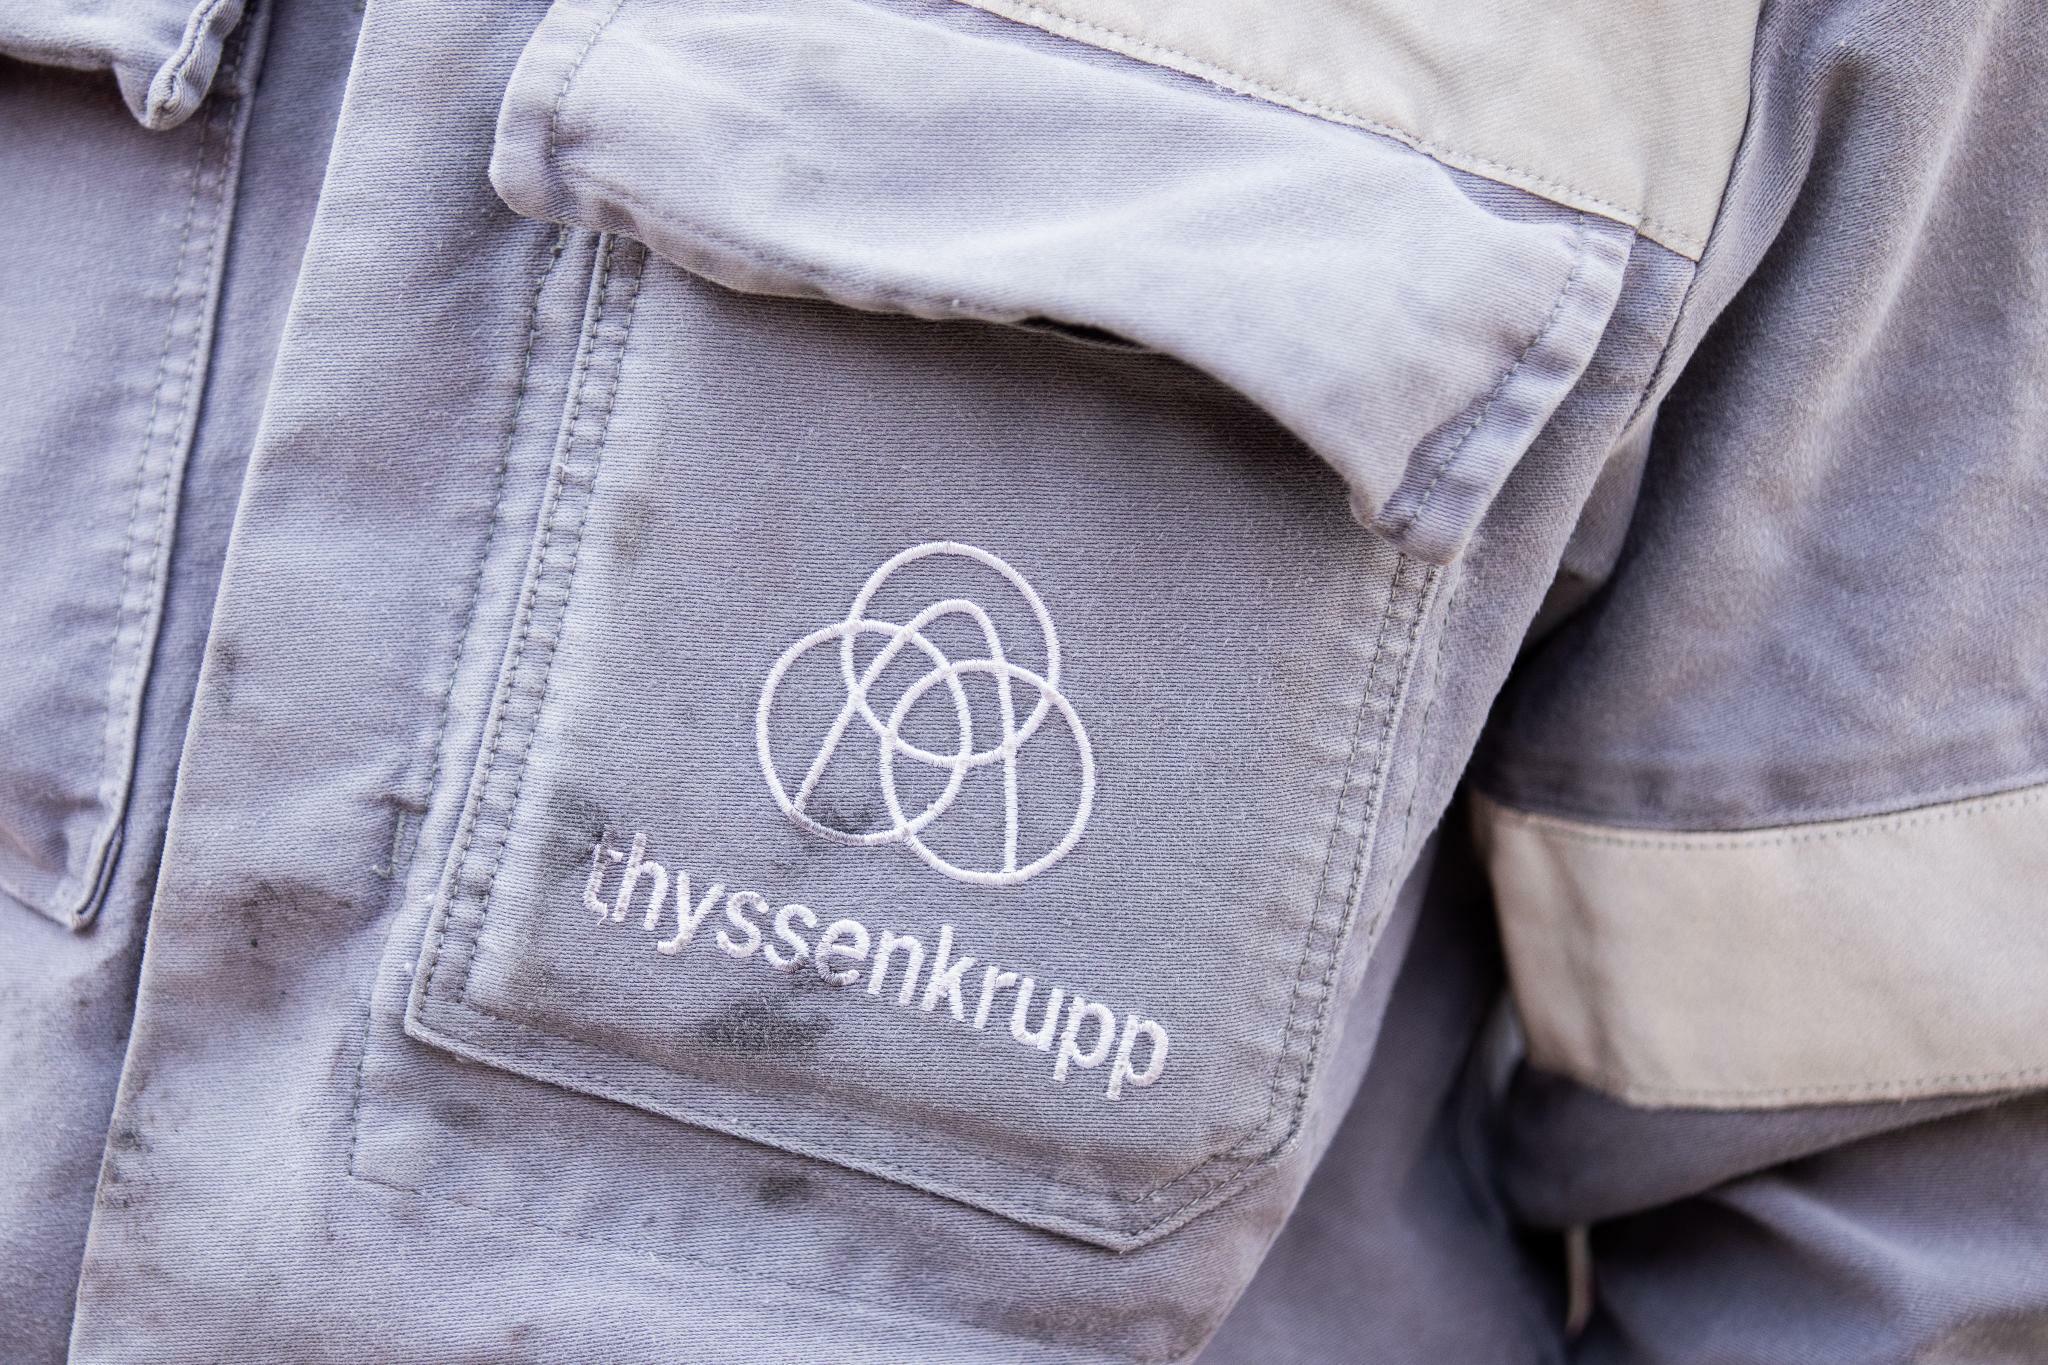 Thyssenkrupp-Aufzugsparte: Konkurrent Kone lockt mit Milliarden